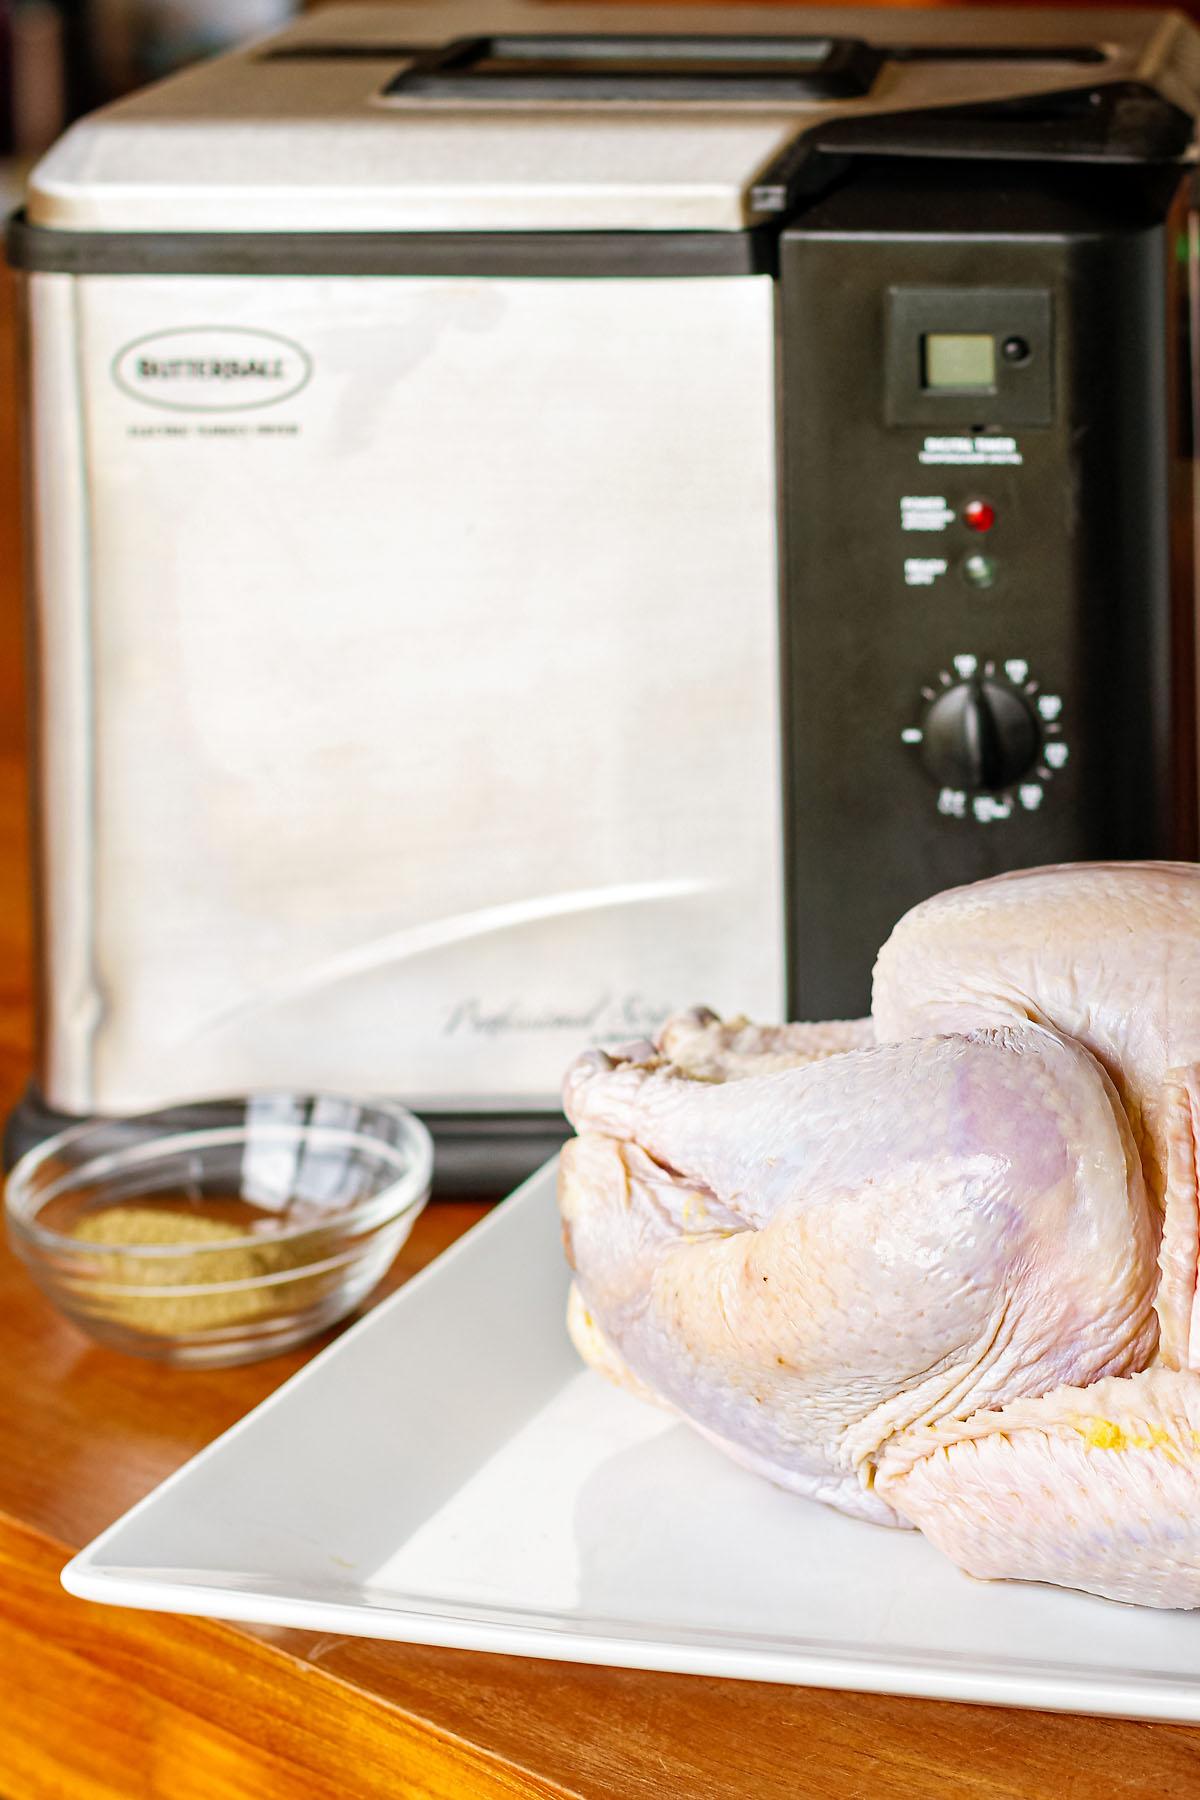 fried turkey in an electric turkey fryer with peanut oil